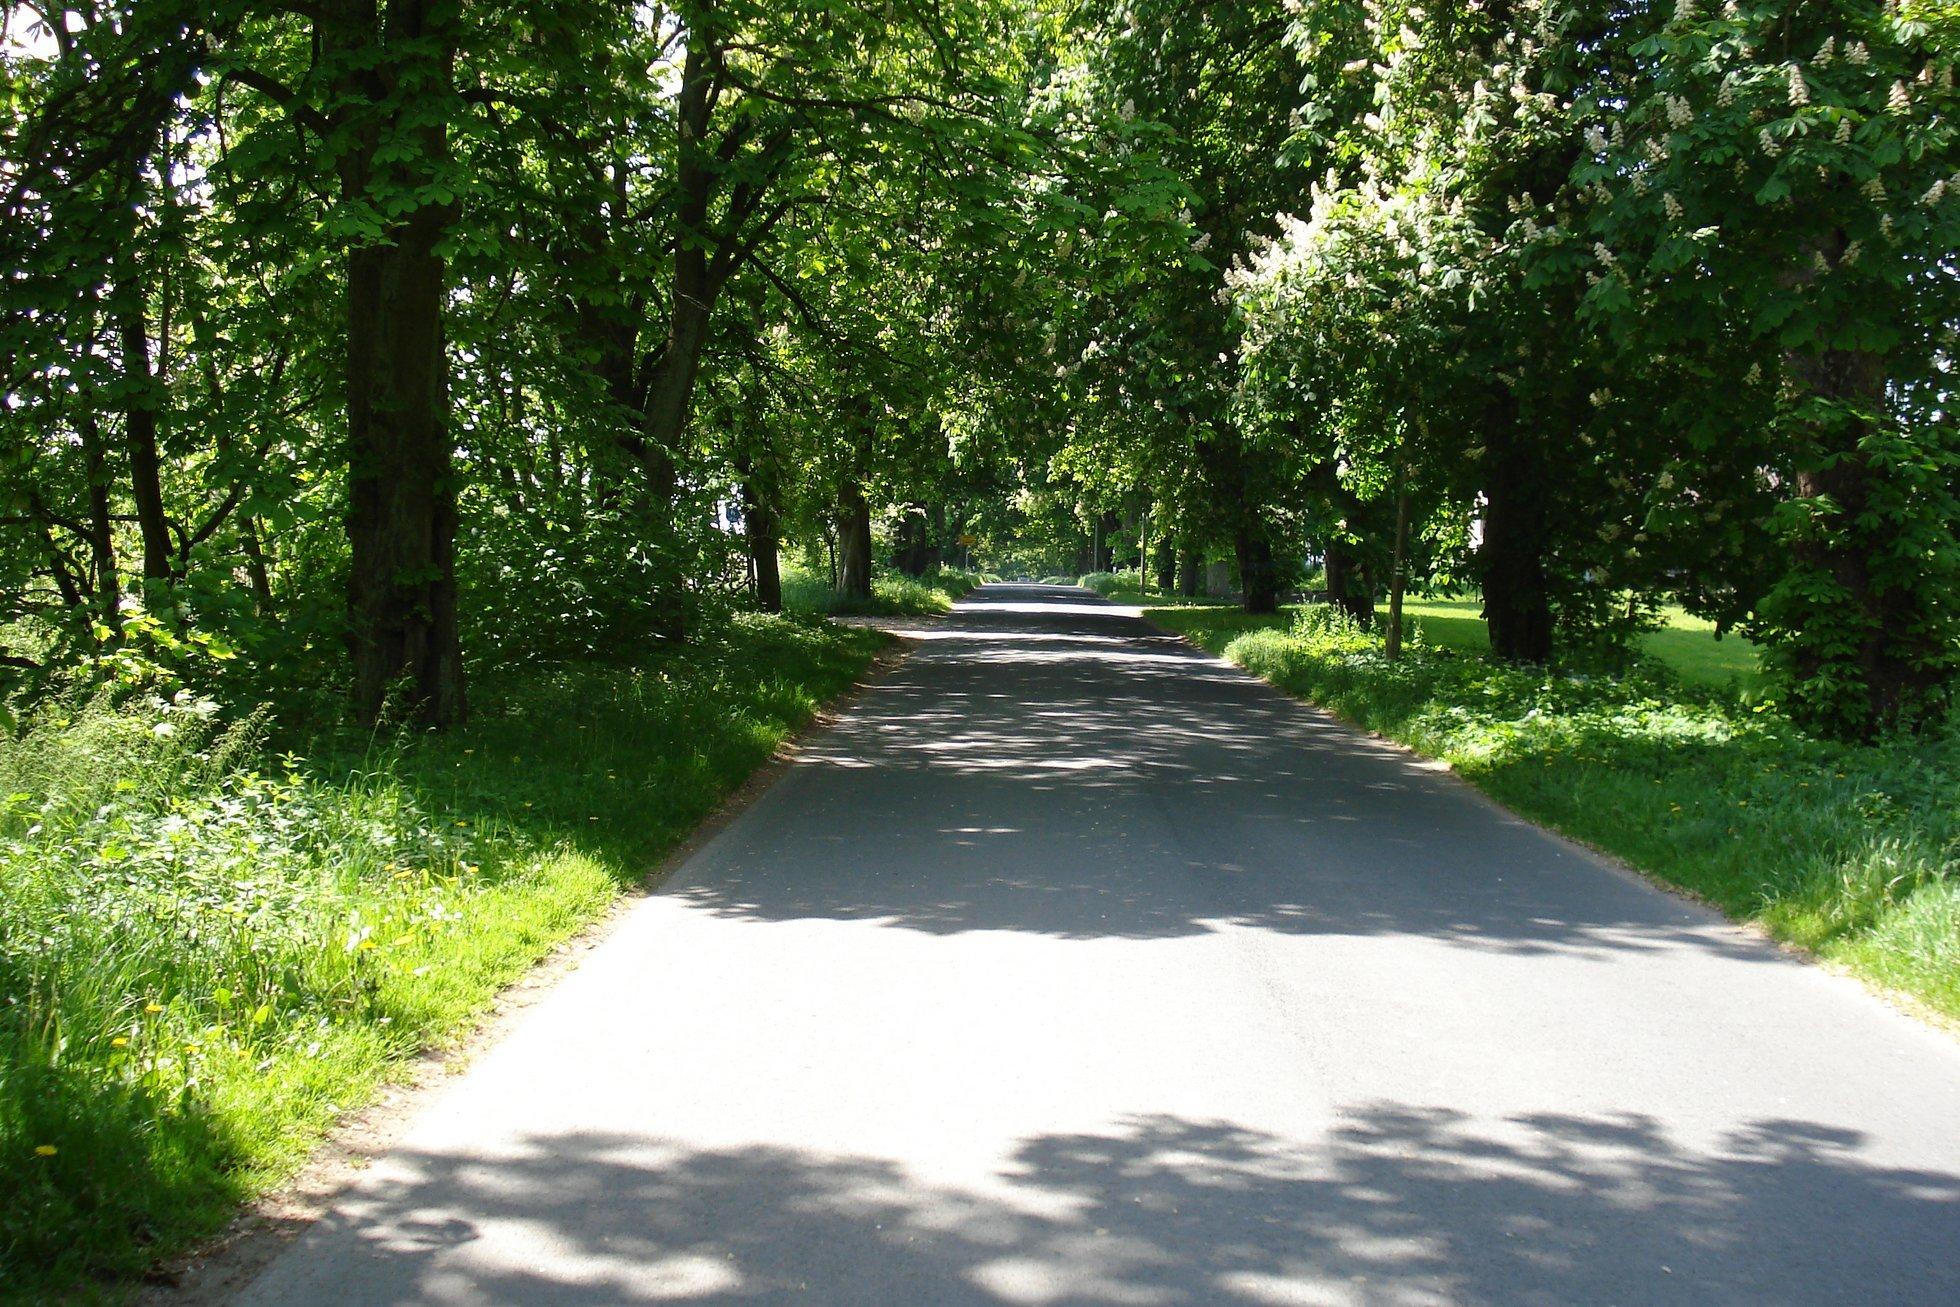 Allee Allee Eine Straße Viele Bäume